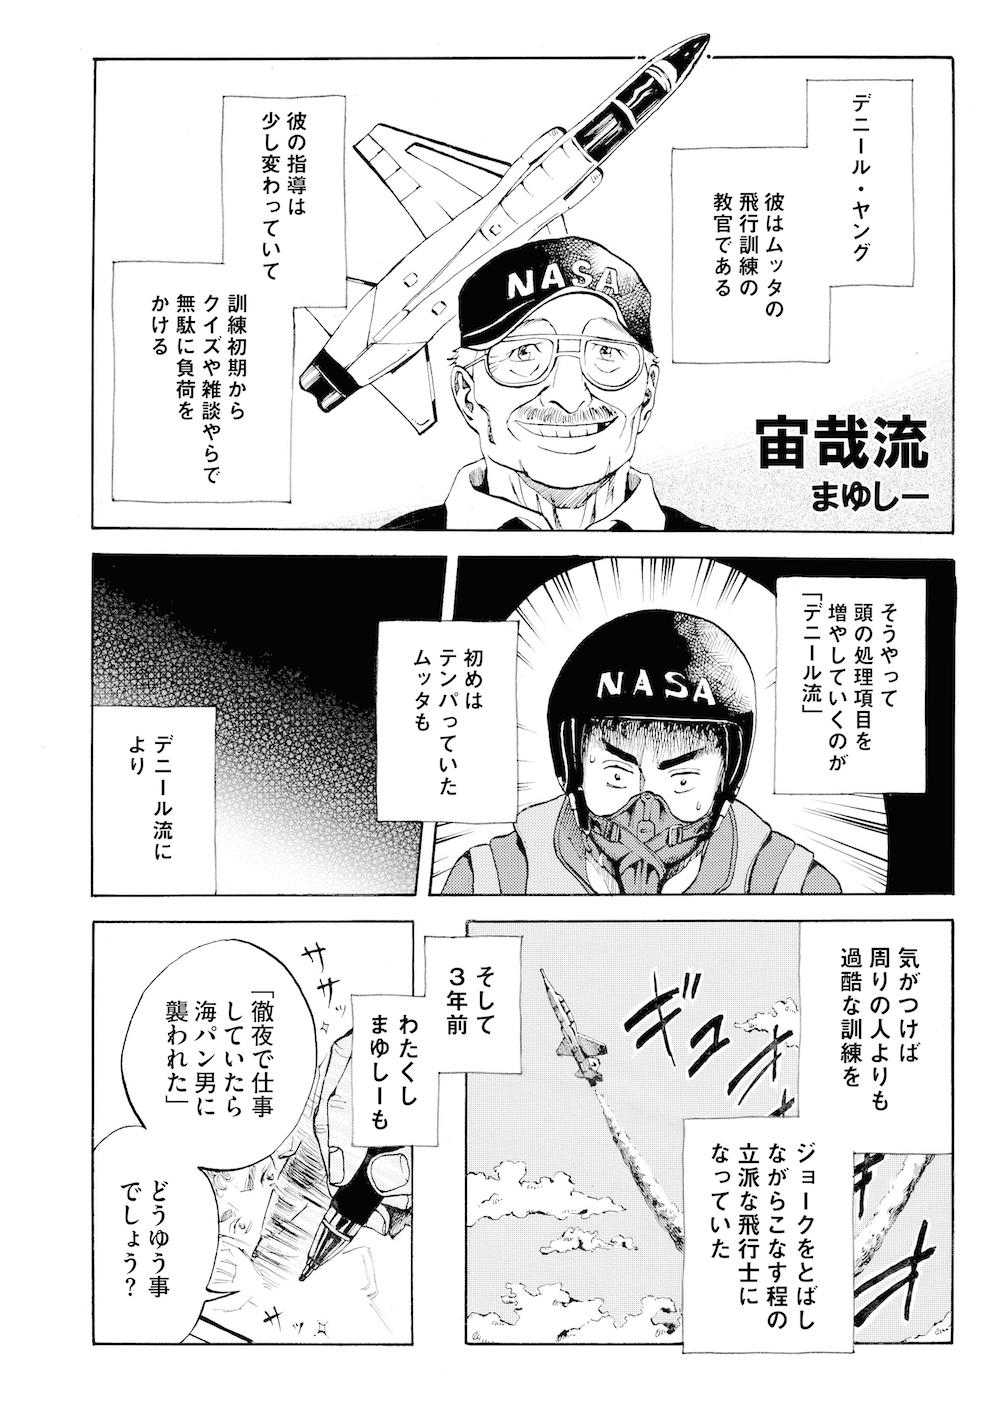 mailmagzine_05_